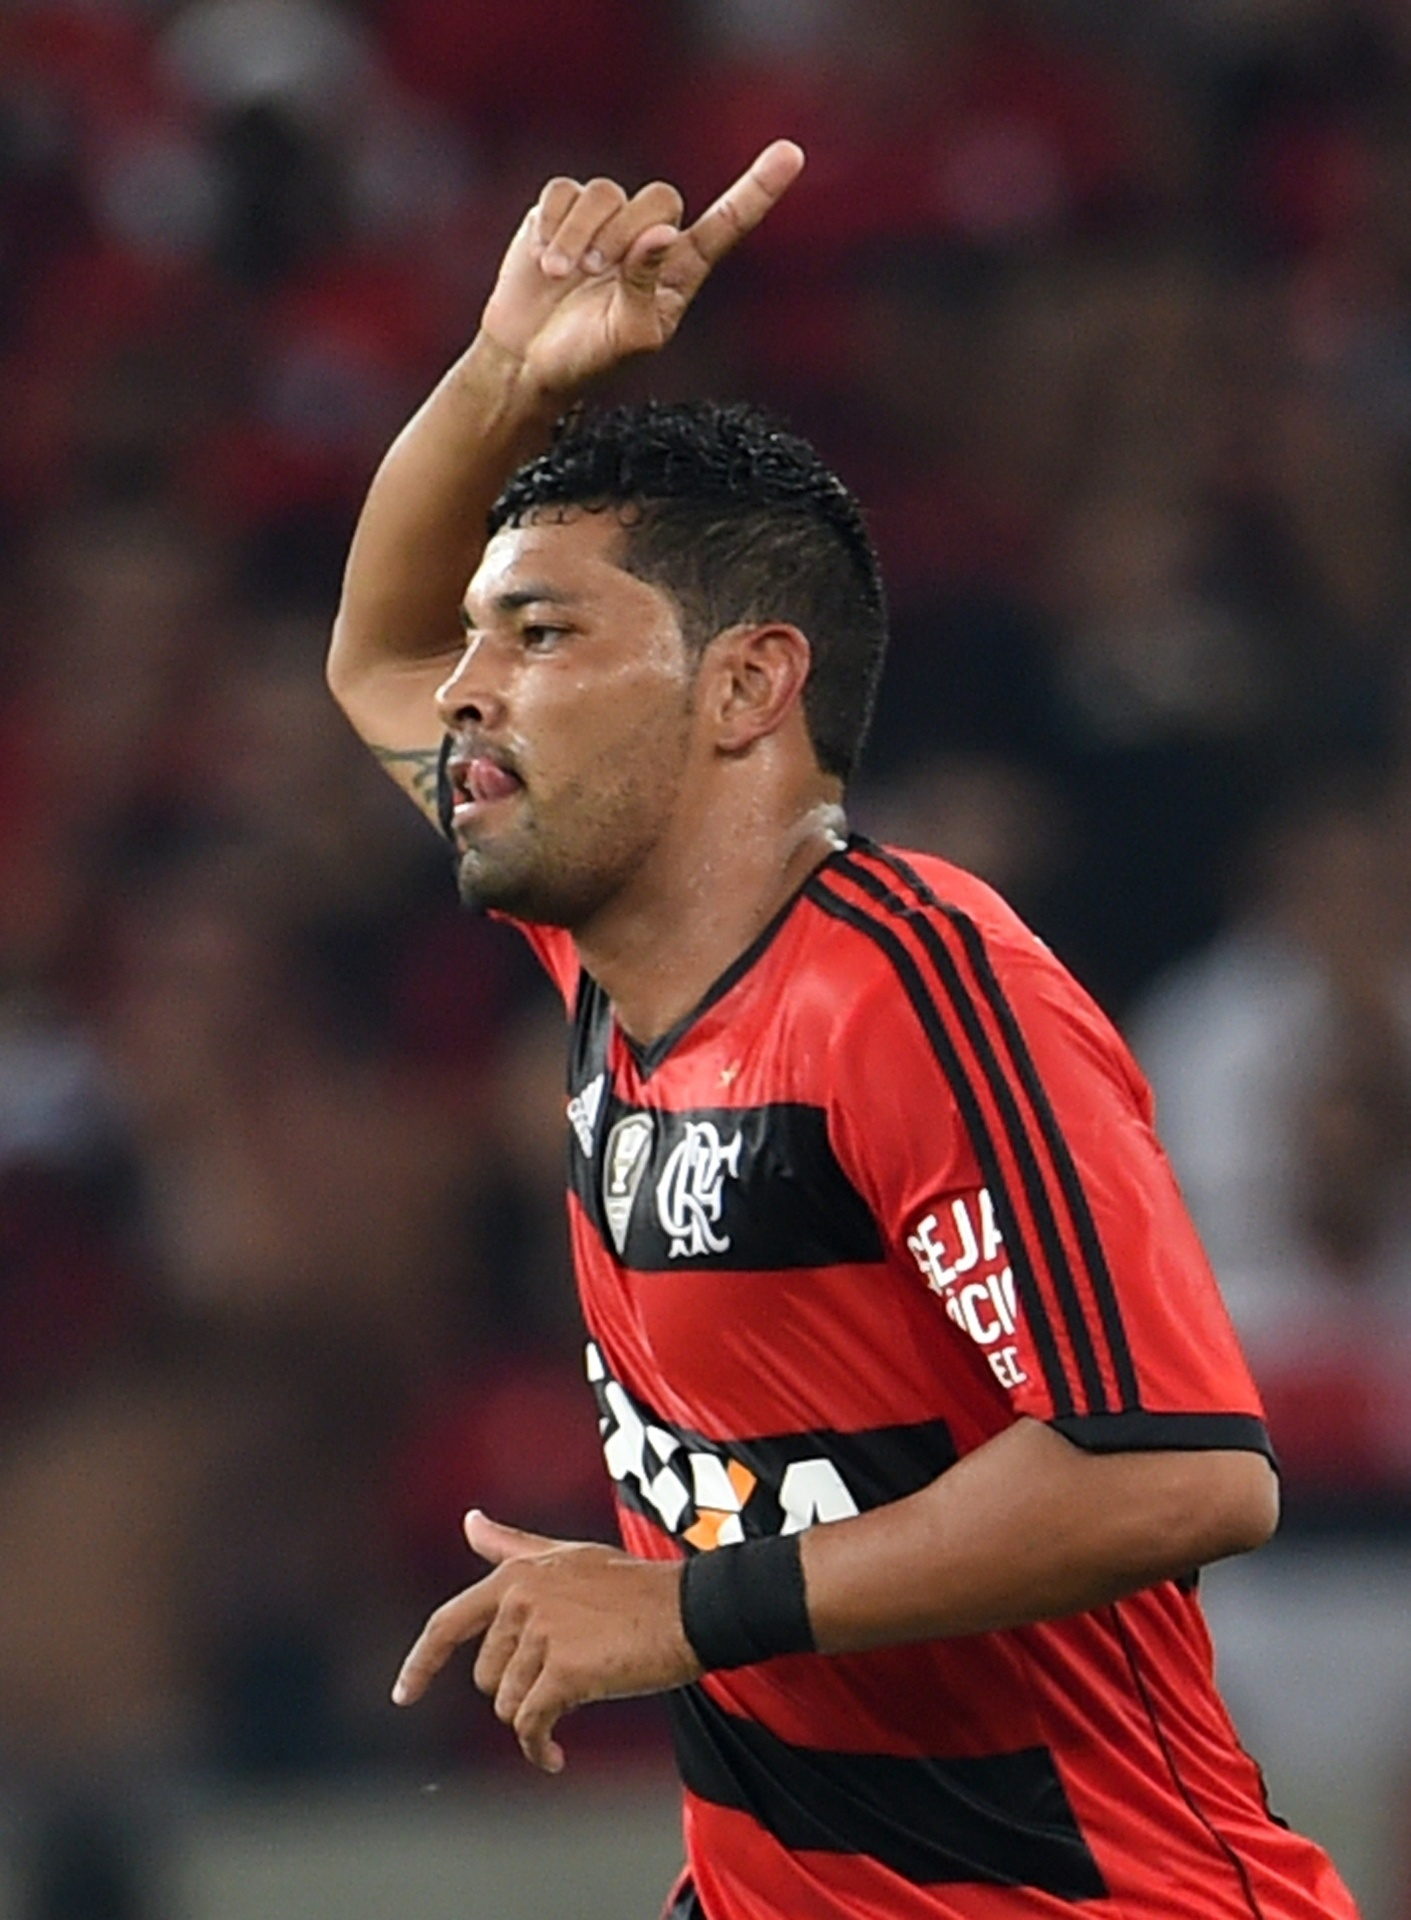 09.04.2014 - André Santos comemora gol do Flamengo contra o León em jogo da Libertadores no Maracanã